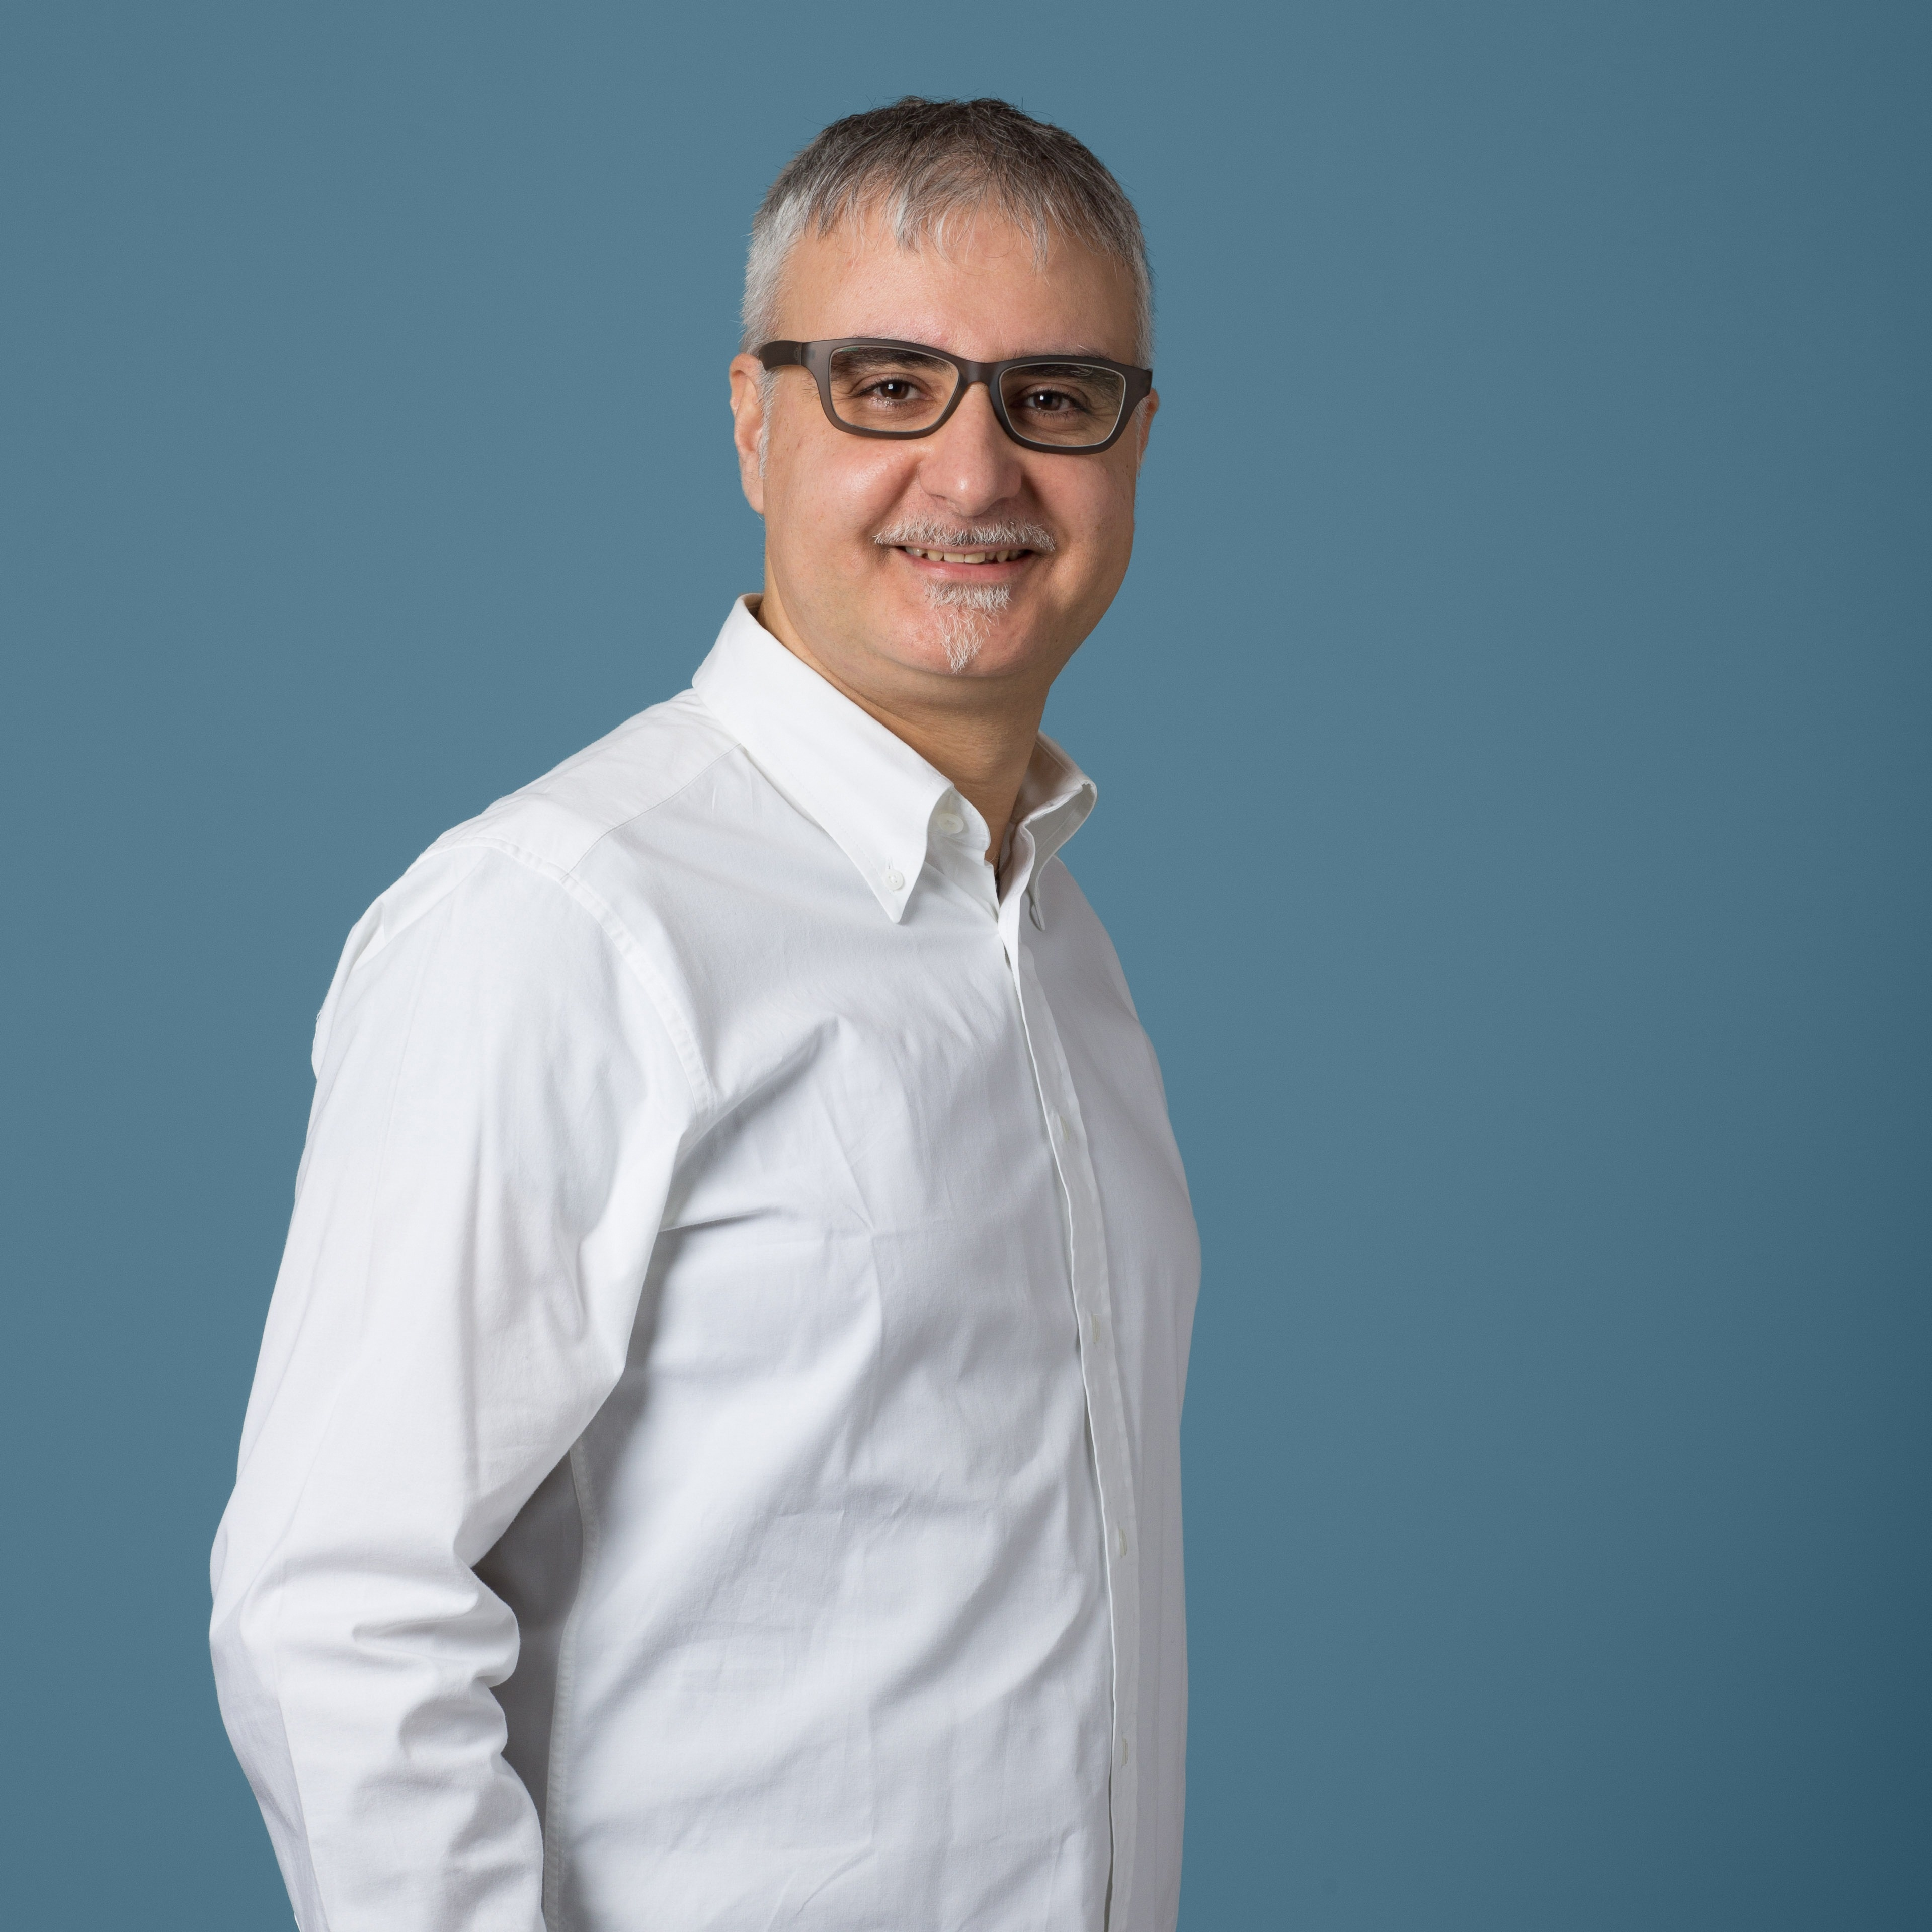 Gianluca Catzeddu